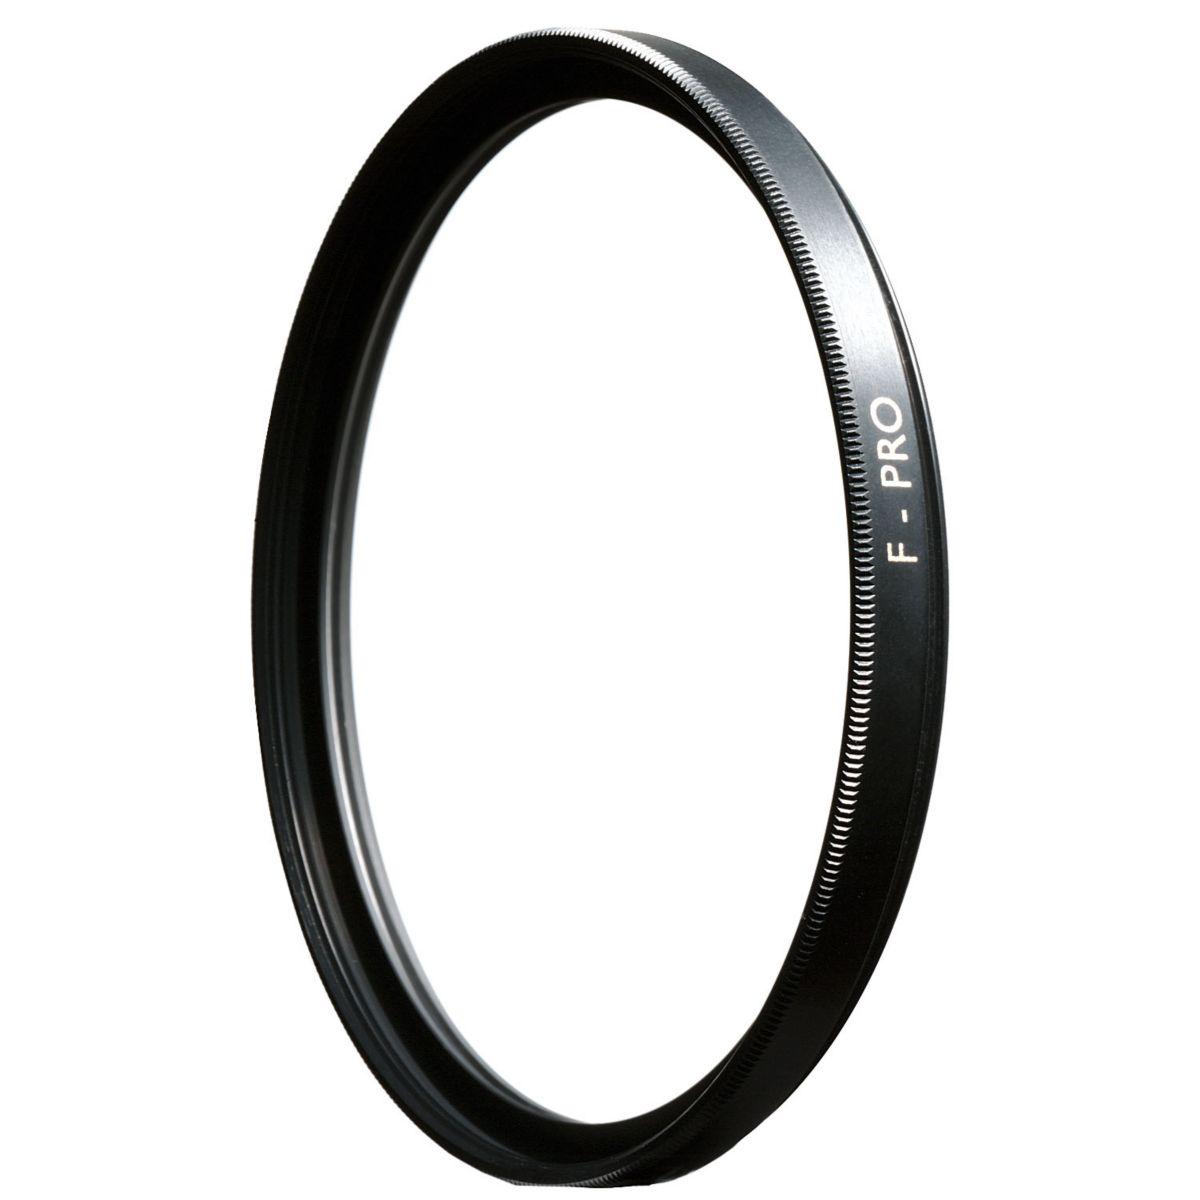 Filtre anti-uv b+w 52mm uv 010 f pro